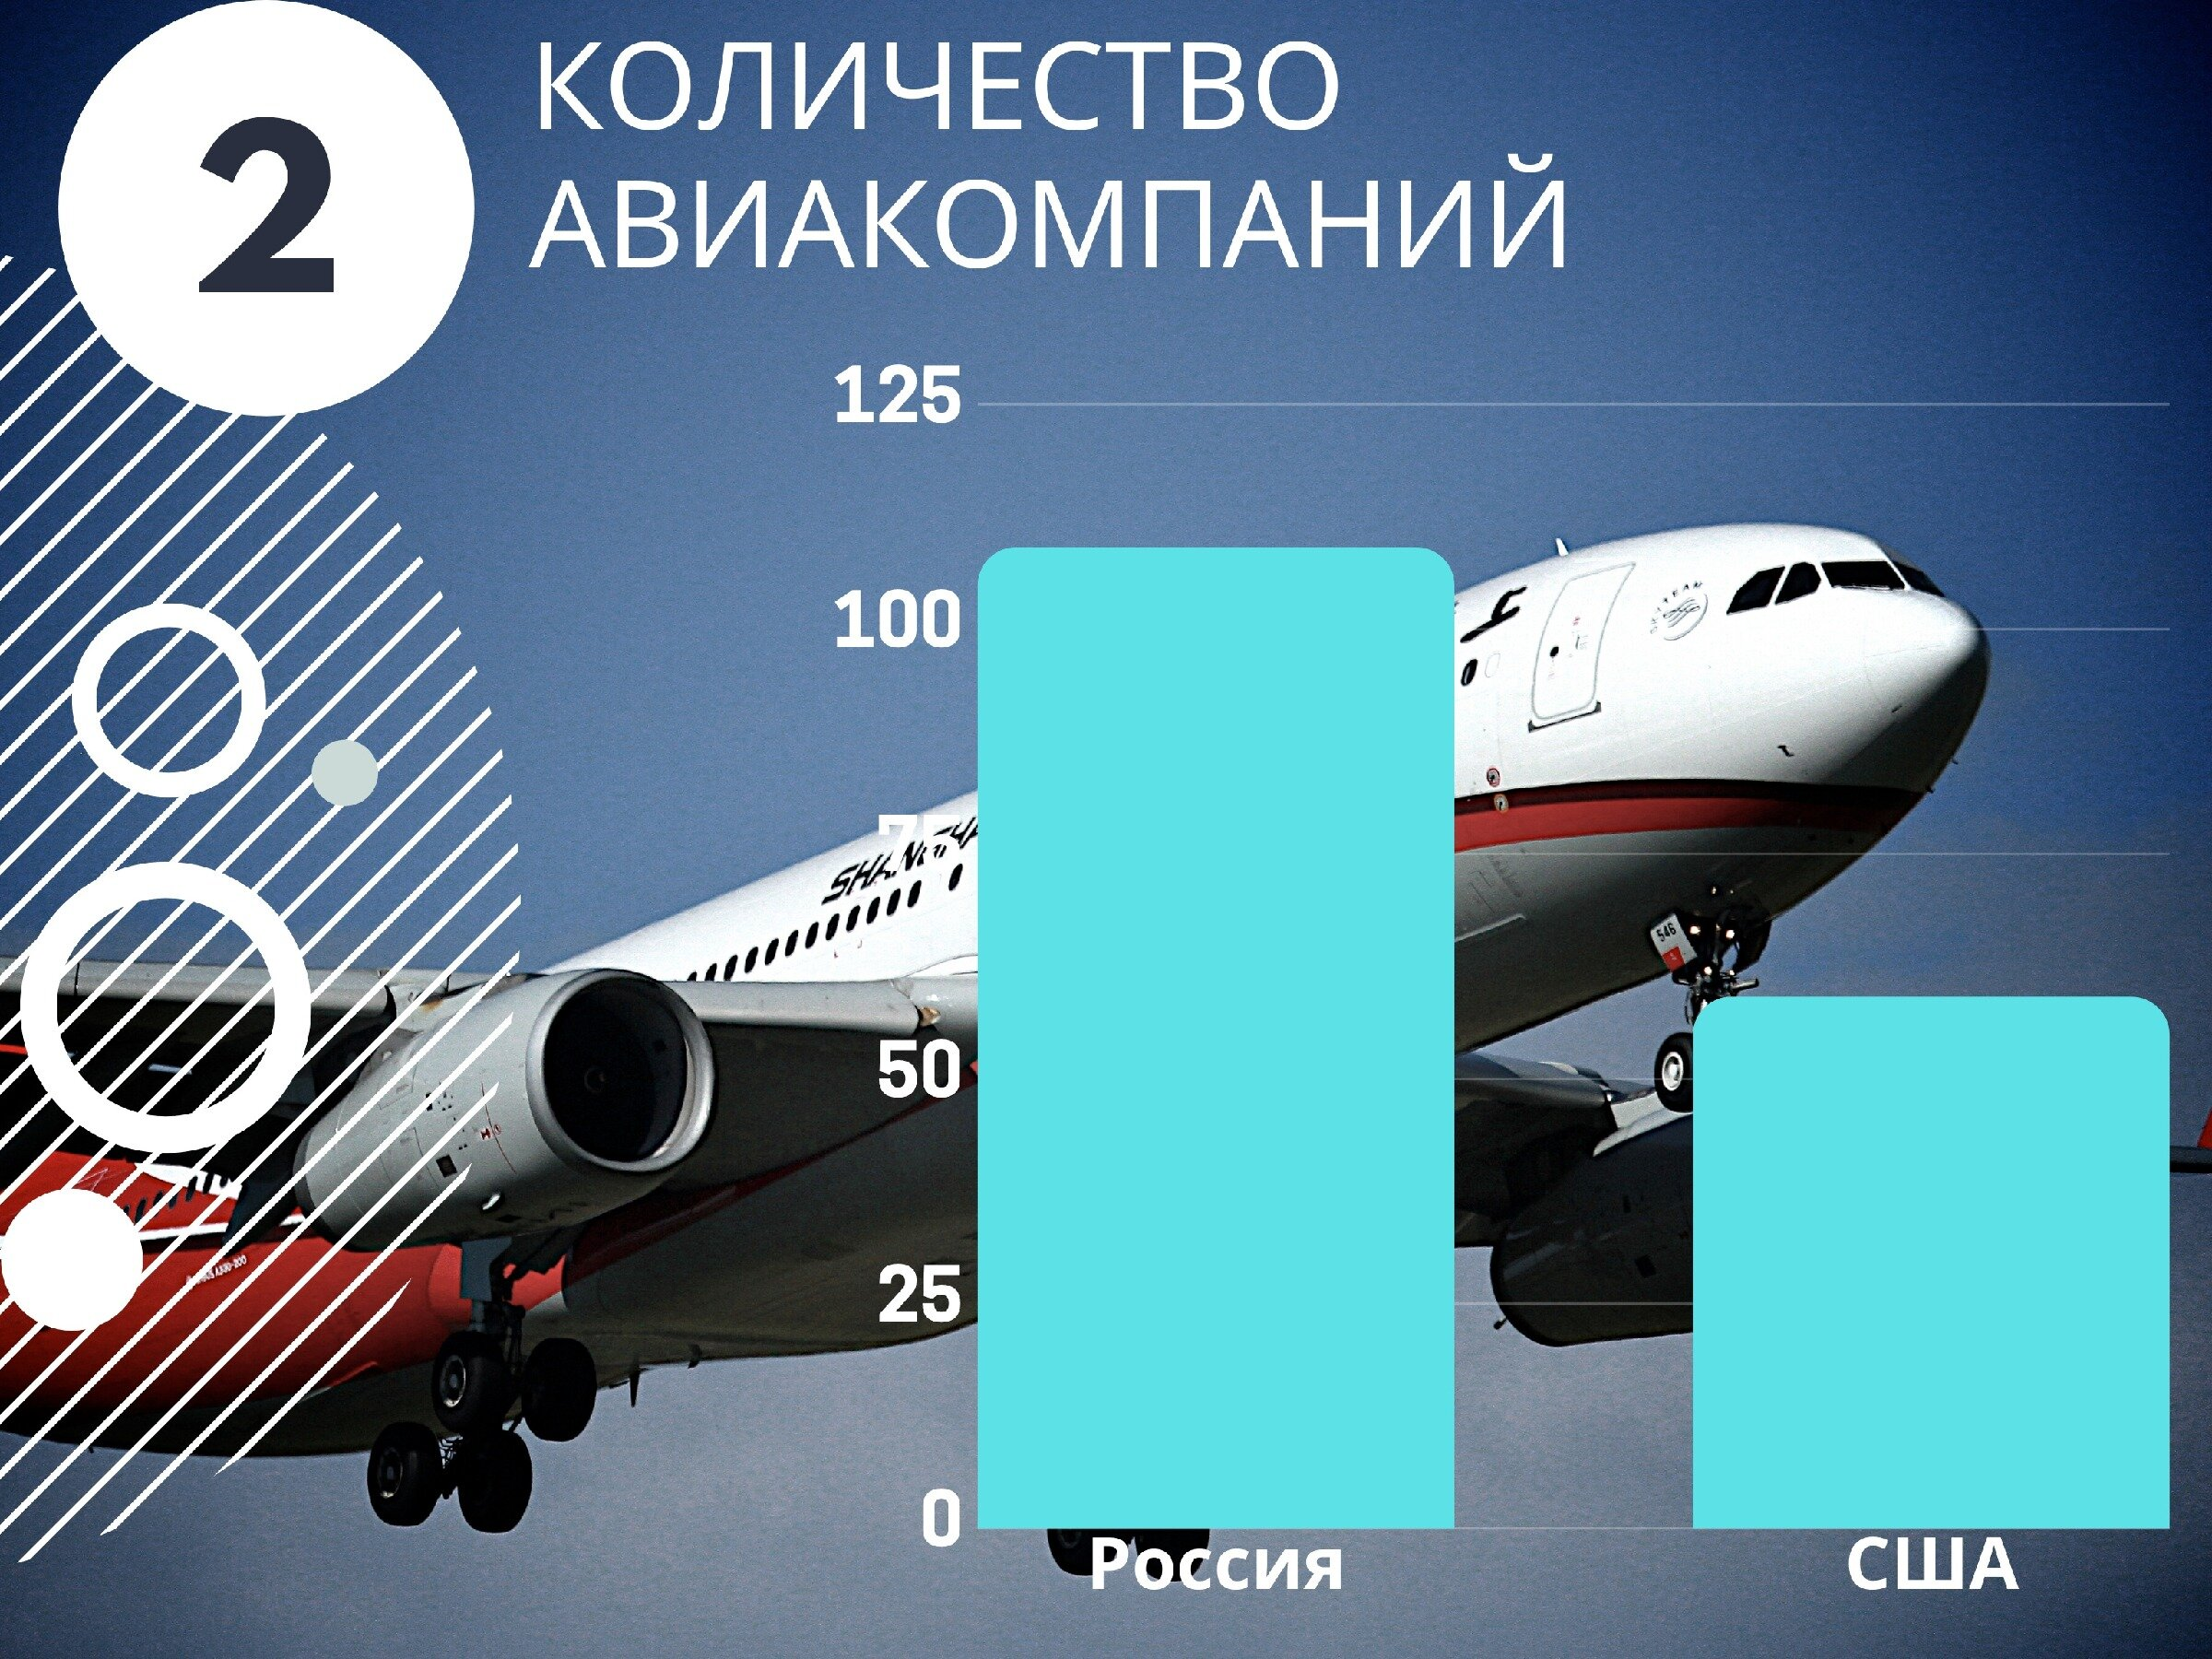 сколько самолетов у россии